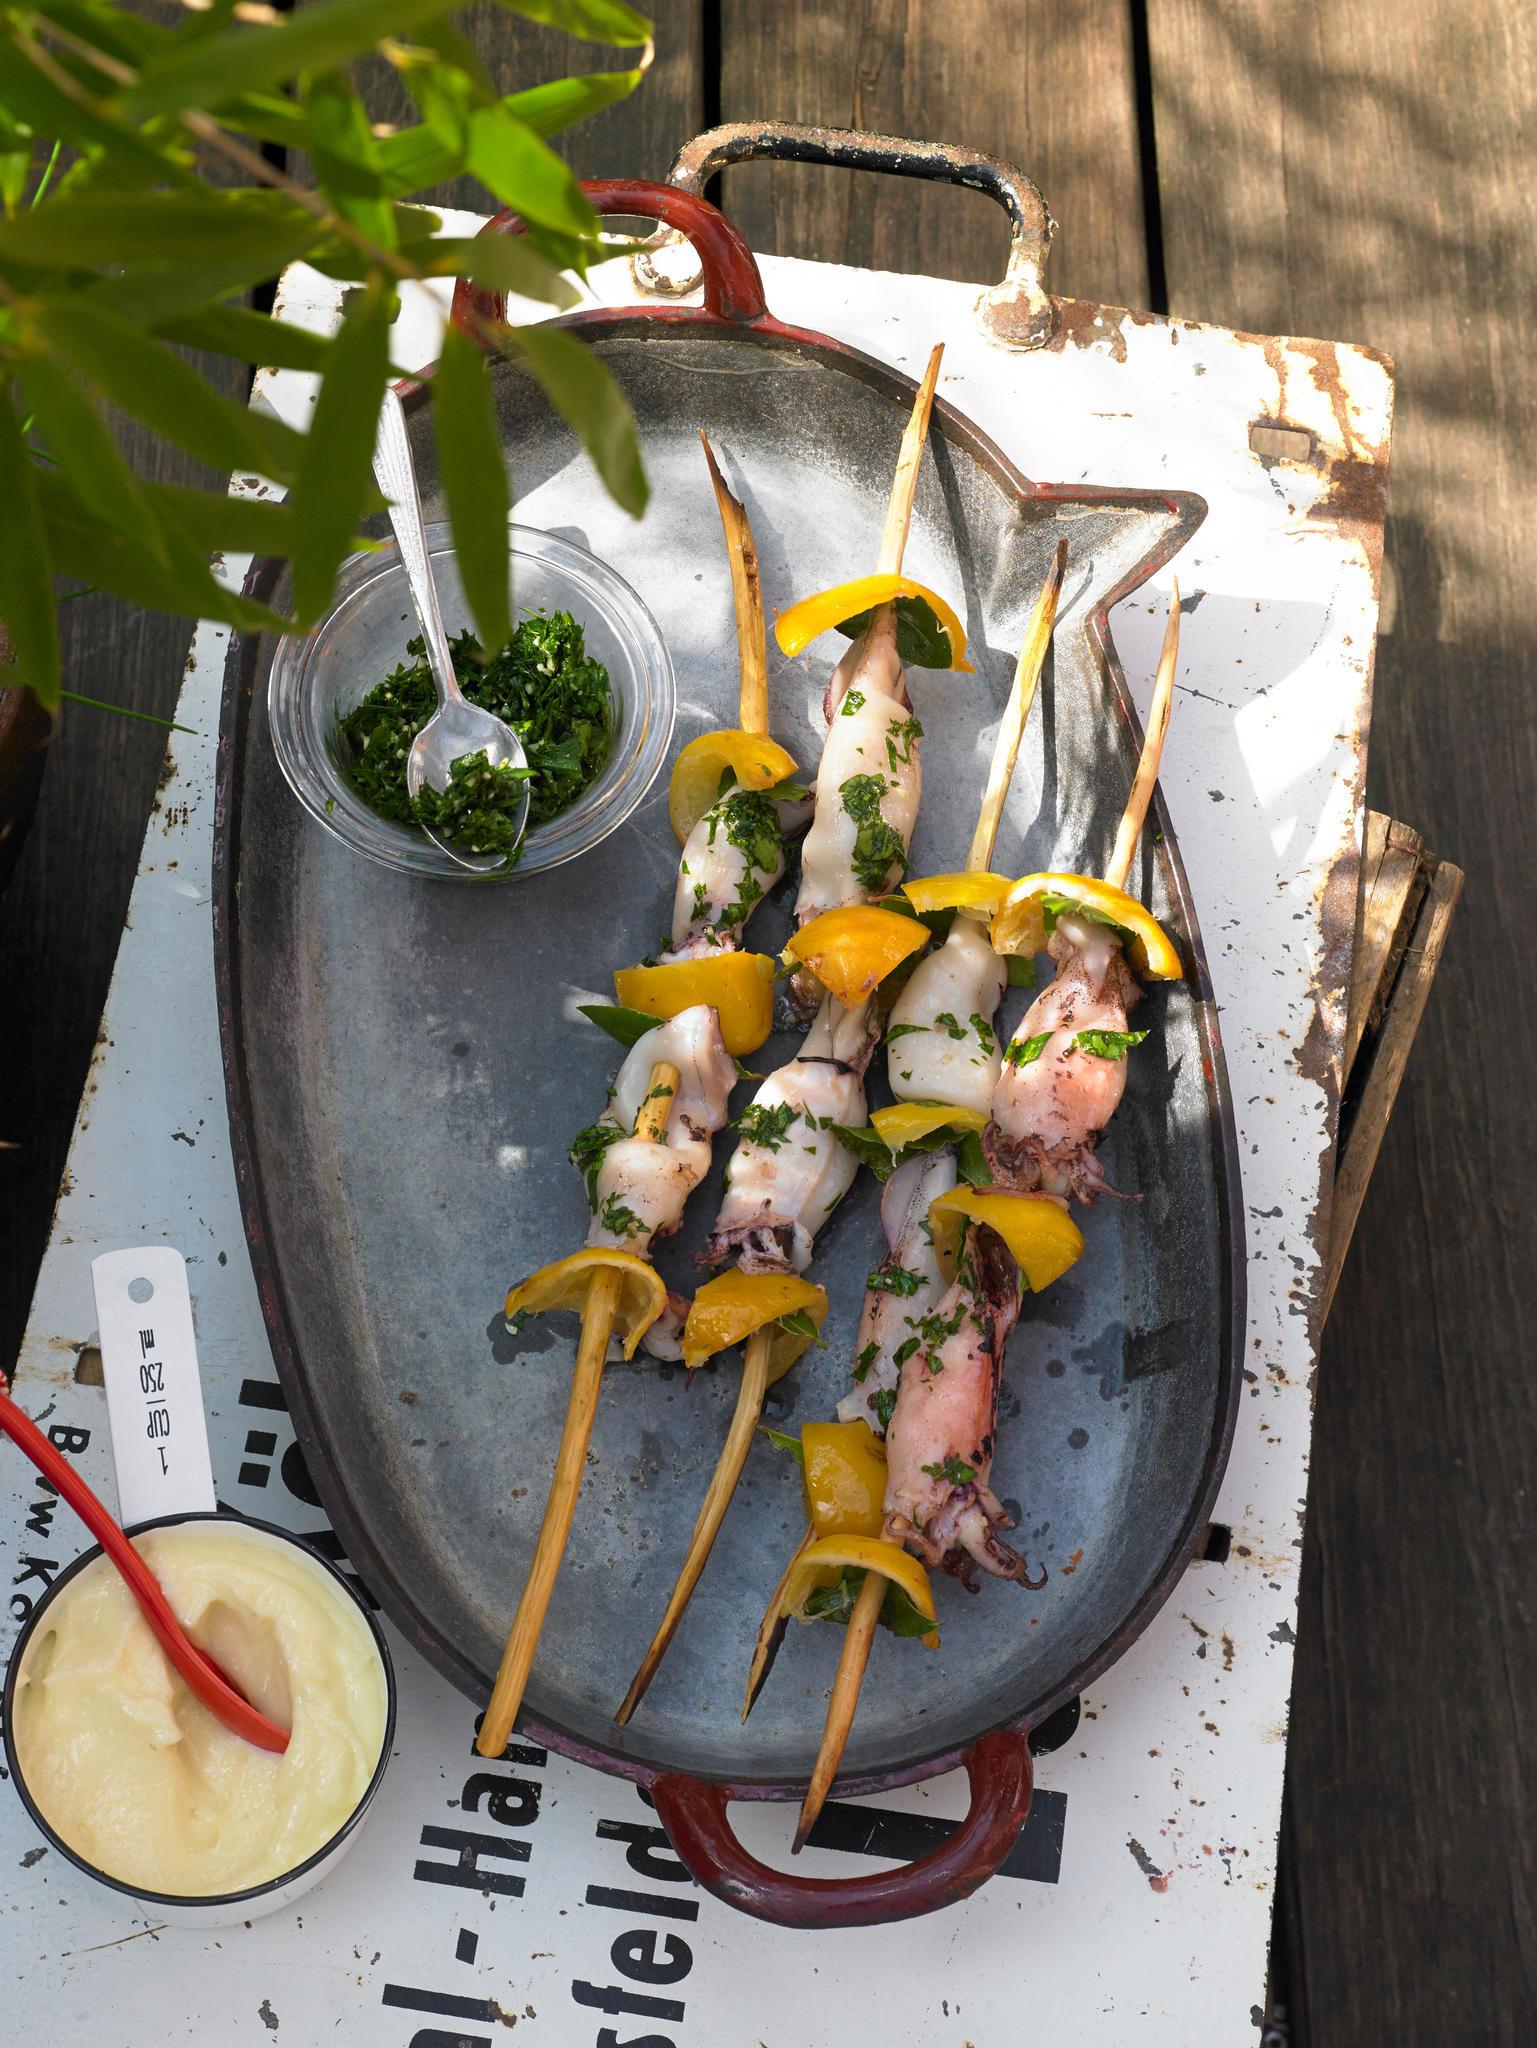 So macht Grillen Spaß! Die kleinen Tintenfische werden exotisch gewürzt: mit eingelegten Salzzitronen und Petersilien-Zitronen-Marinade. Am besten auf geölter Alufolie grillen - in nicht mal zehn Minuten sind sie fertig. Zum Rezept: Tintenfisch-Spieße